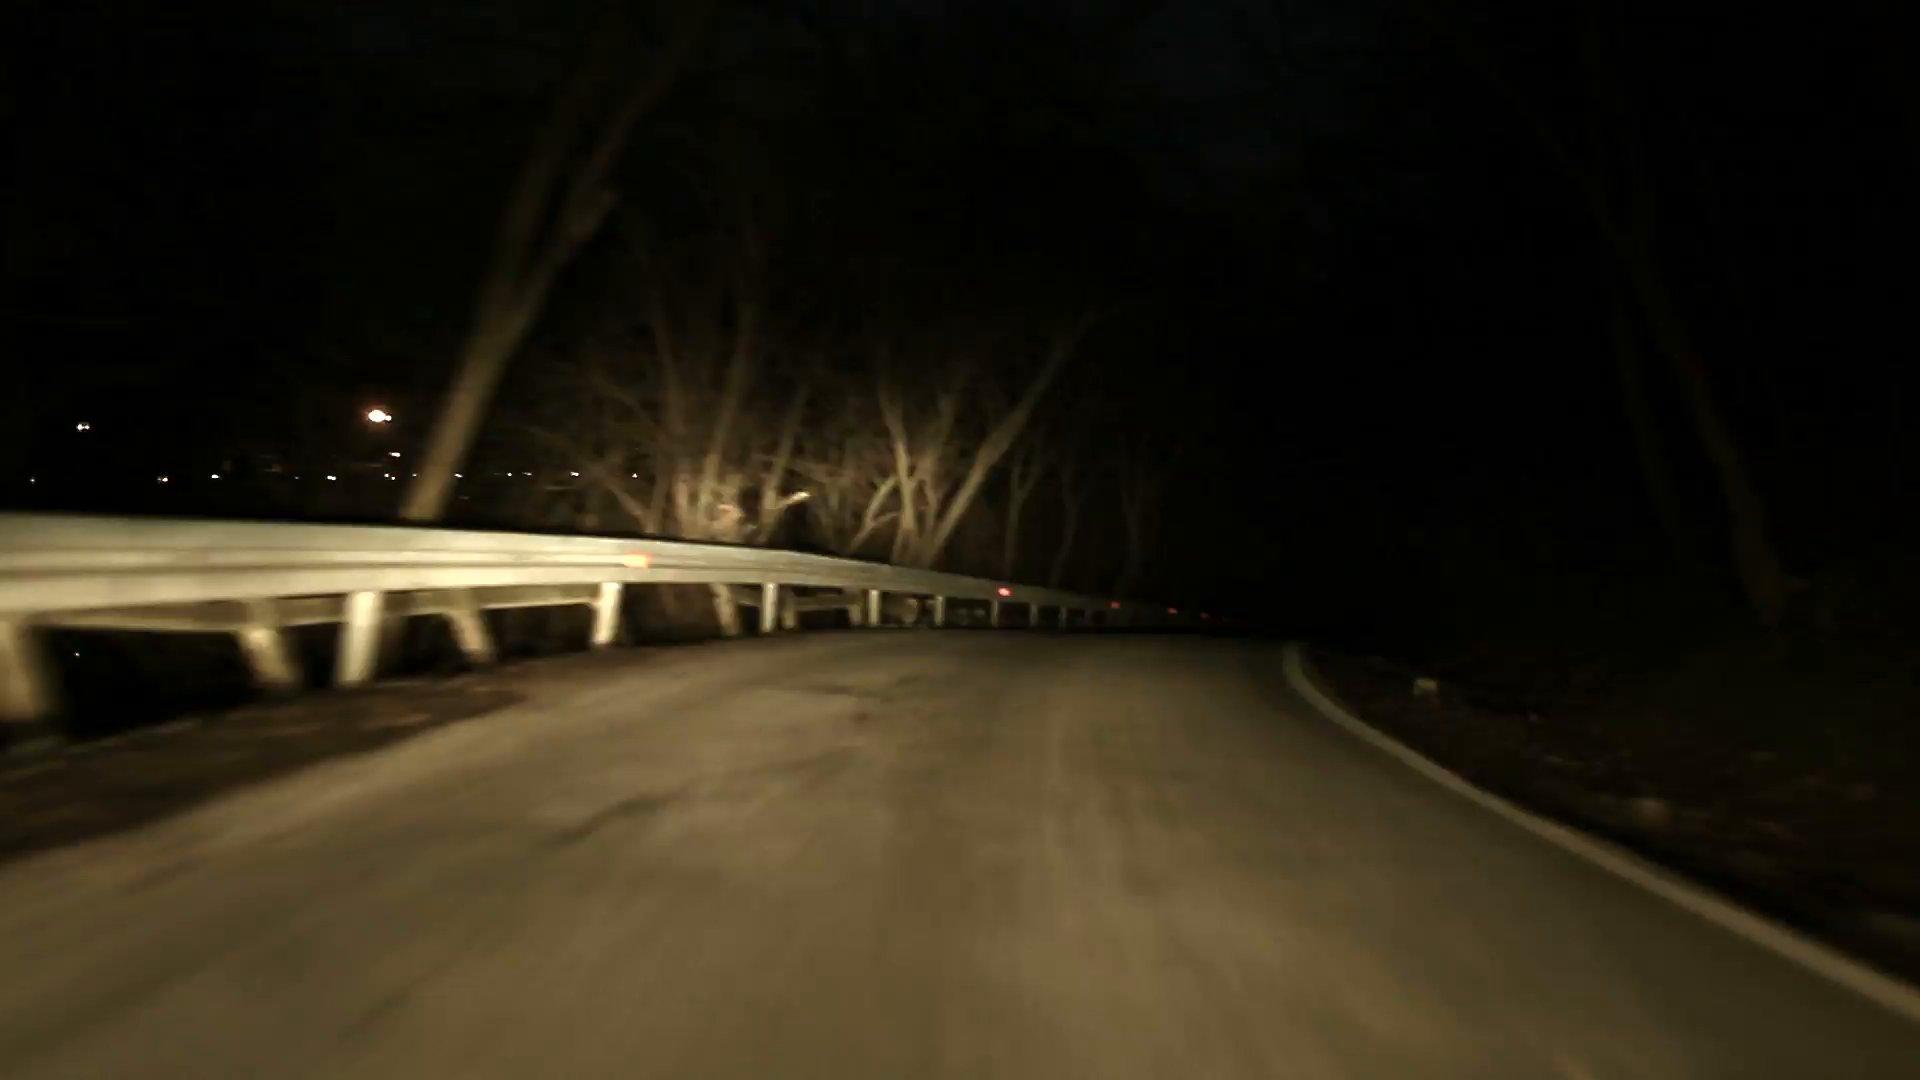 """driving on the dark road in the winter night pov of the vehicle mjdi42hq  f0004 - Polícia avisa: Se você vir uma """"criança"""" sentada na estrada, fique no carro e mantenha as portas fechadas"""